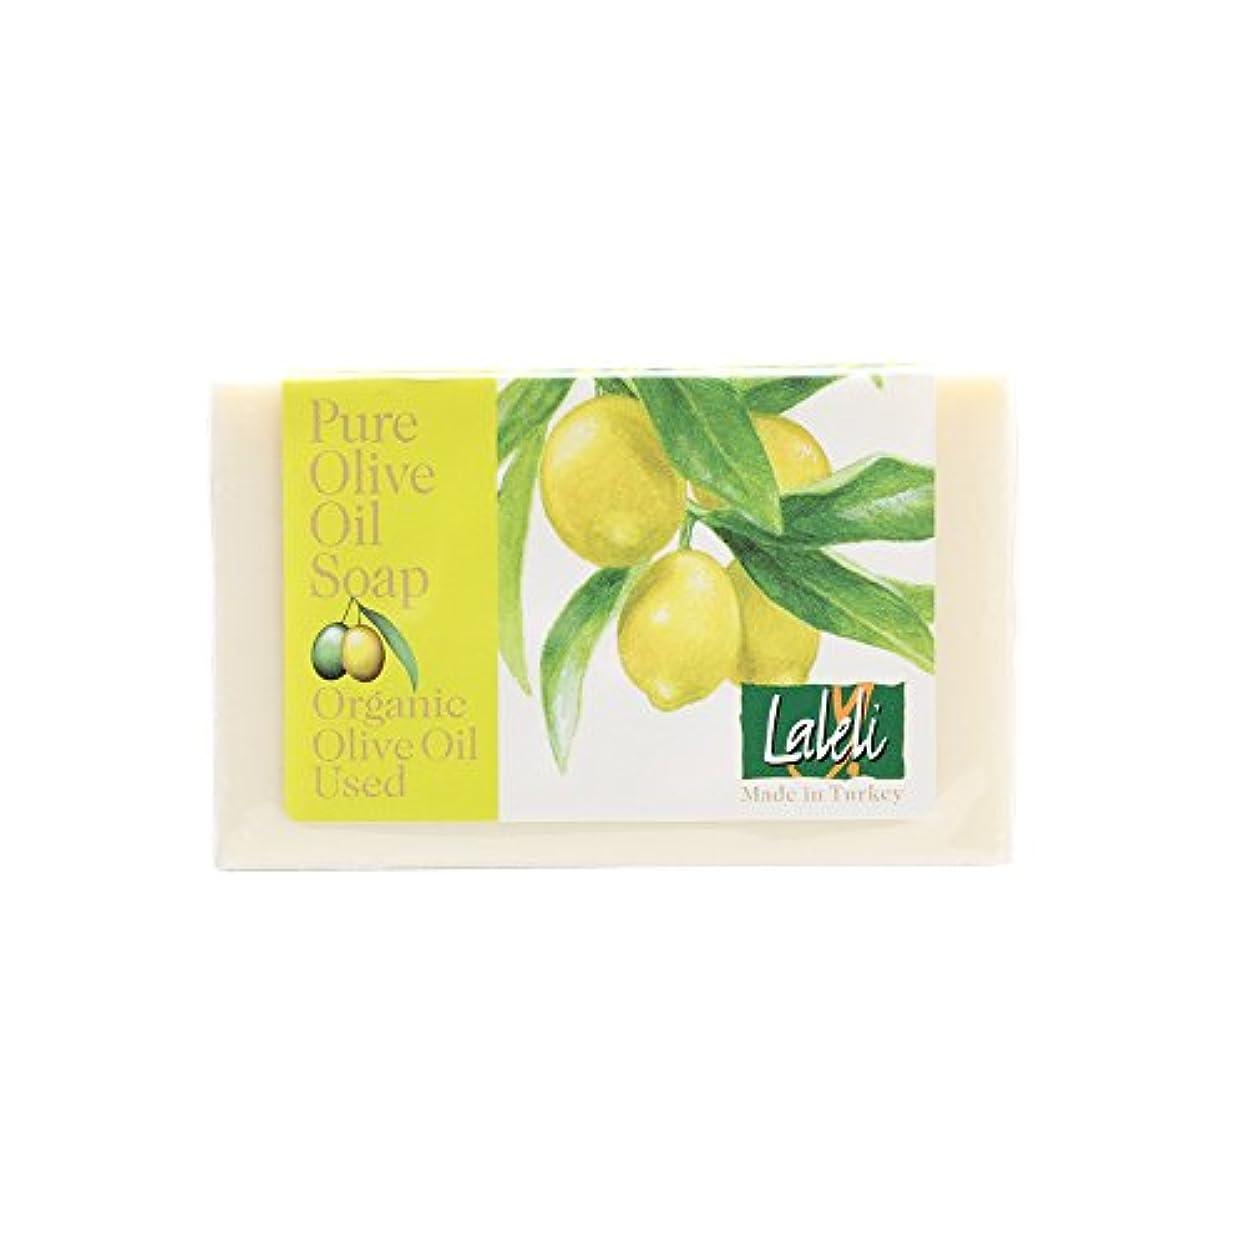 スクレーパー鉄道締め切りラーレリ オーガニックオリーブオイルソープ レモン 120g